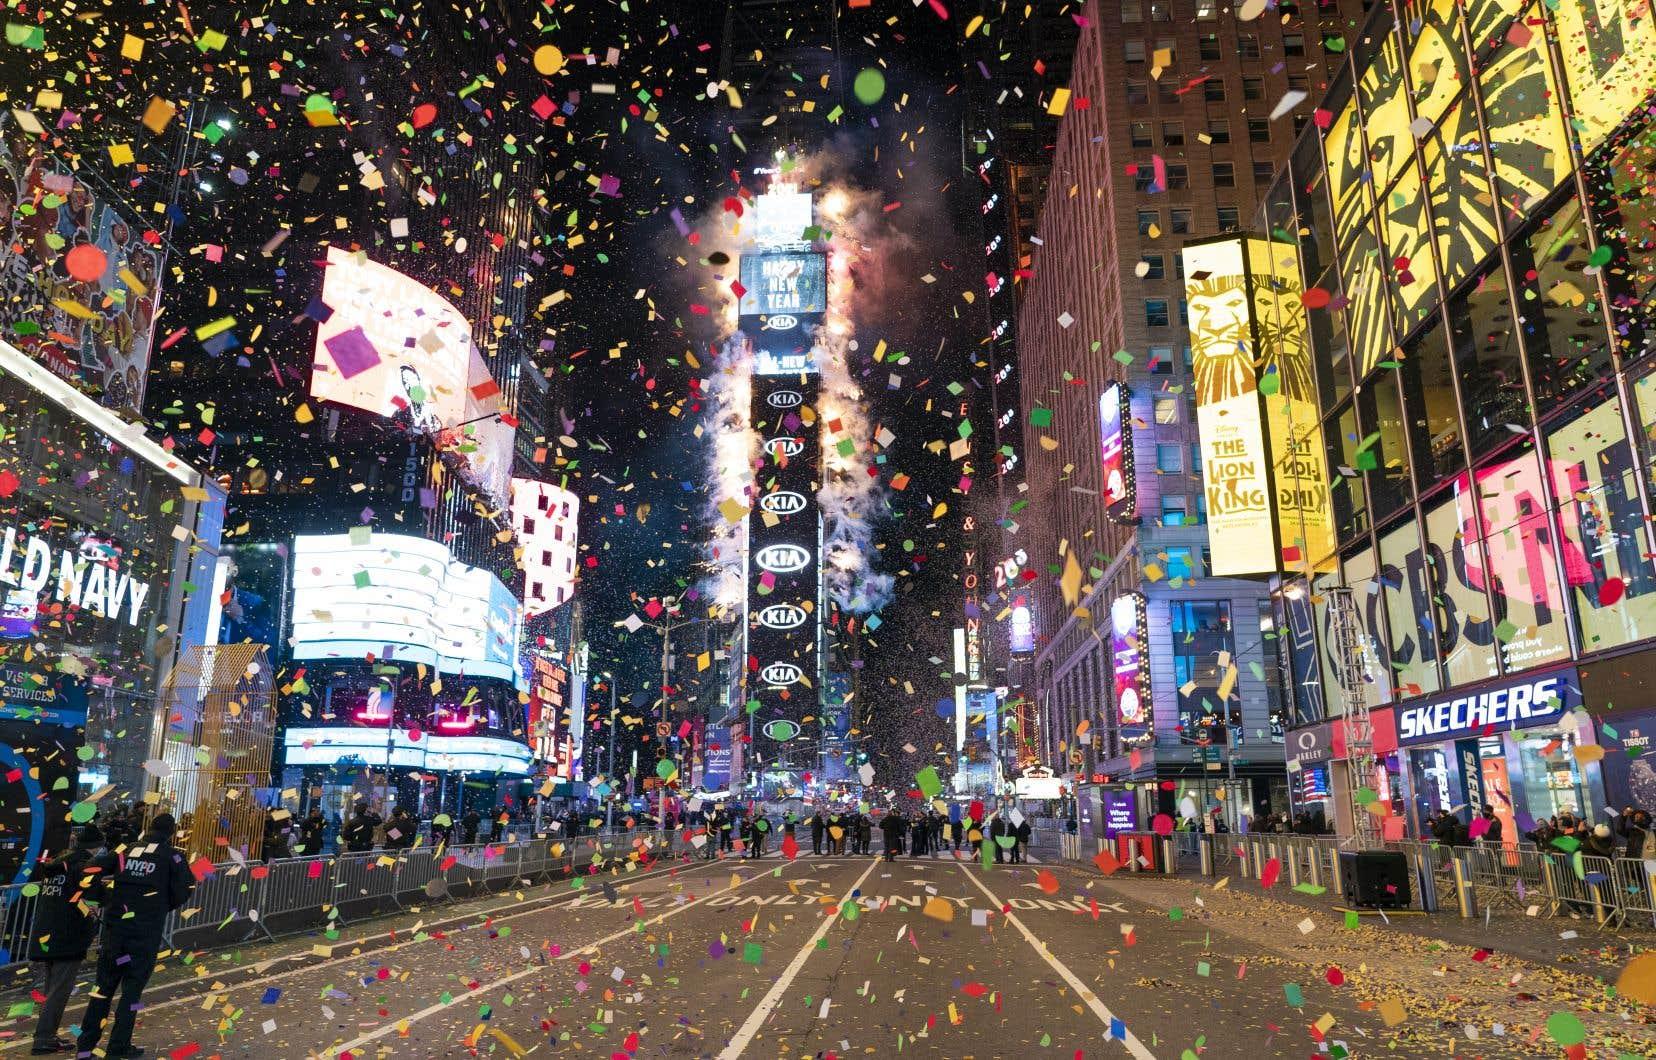 À minuit, les confettis ont pris d'assaut la rue Times Square désertée de son habituelle foule qui, sans la pandémie, aurait probablement envahi la rue pour y célébrer le début de la nouvelle année.